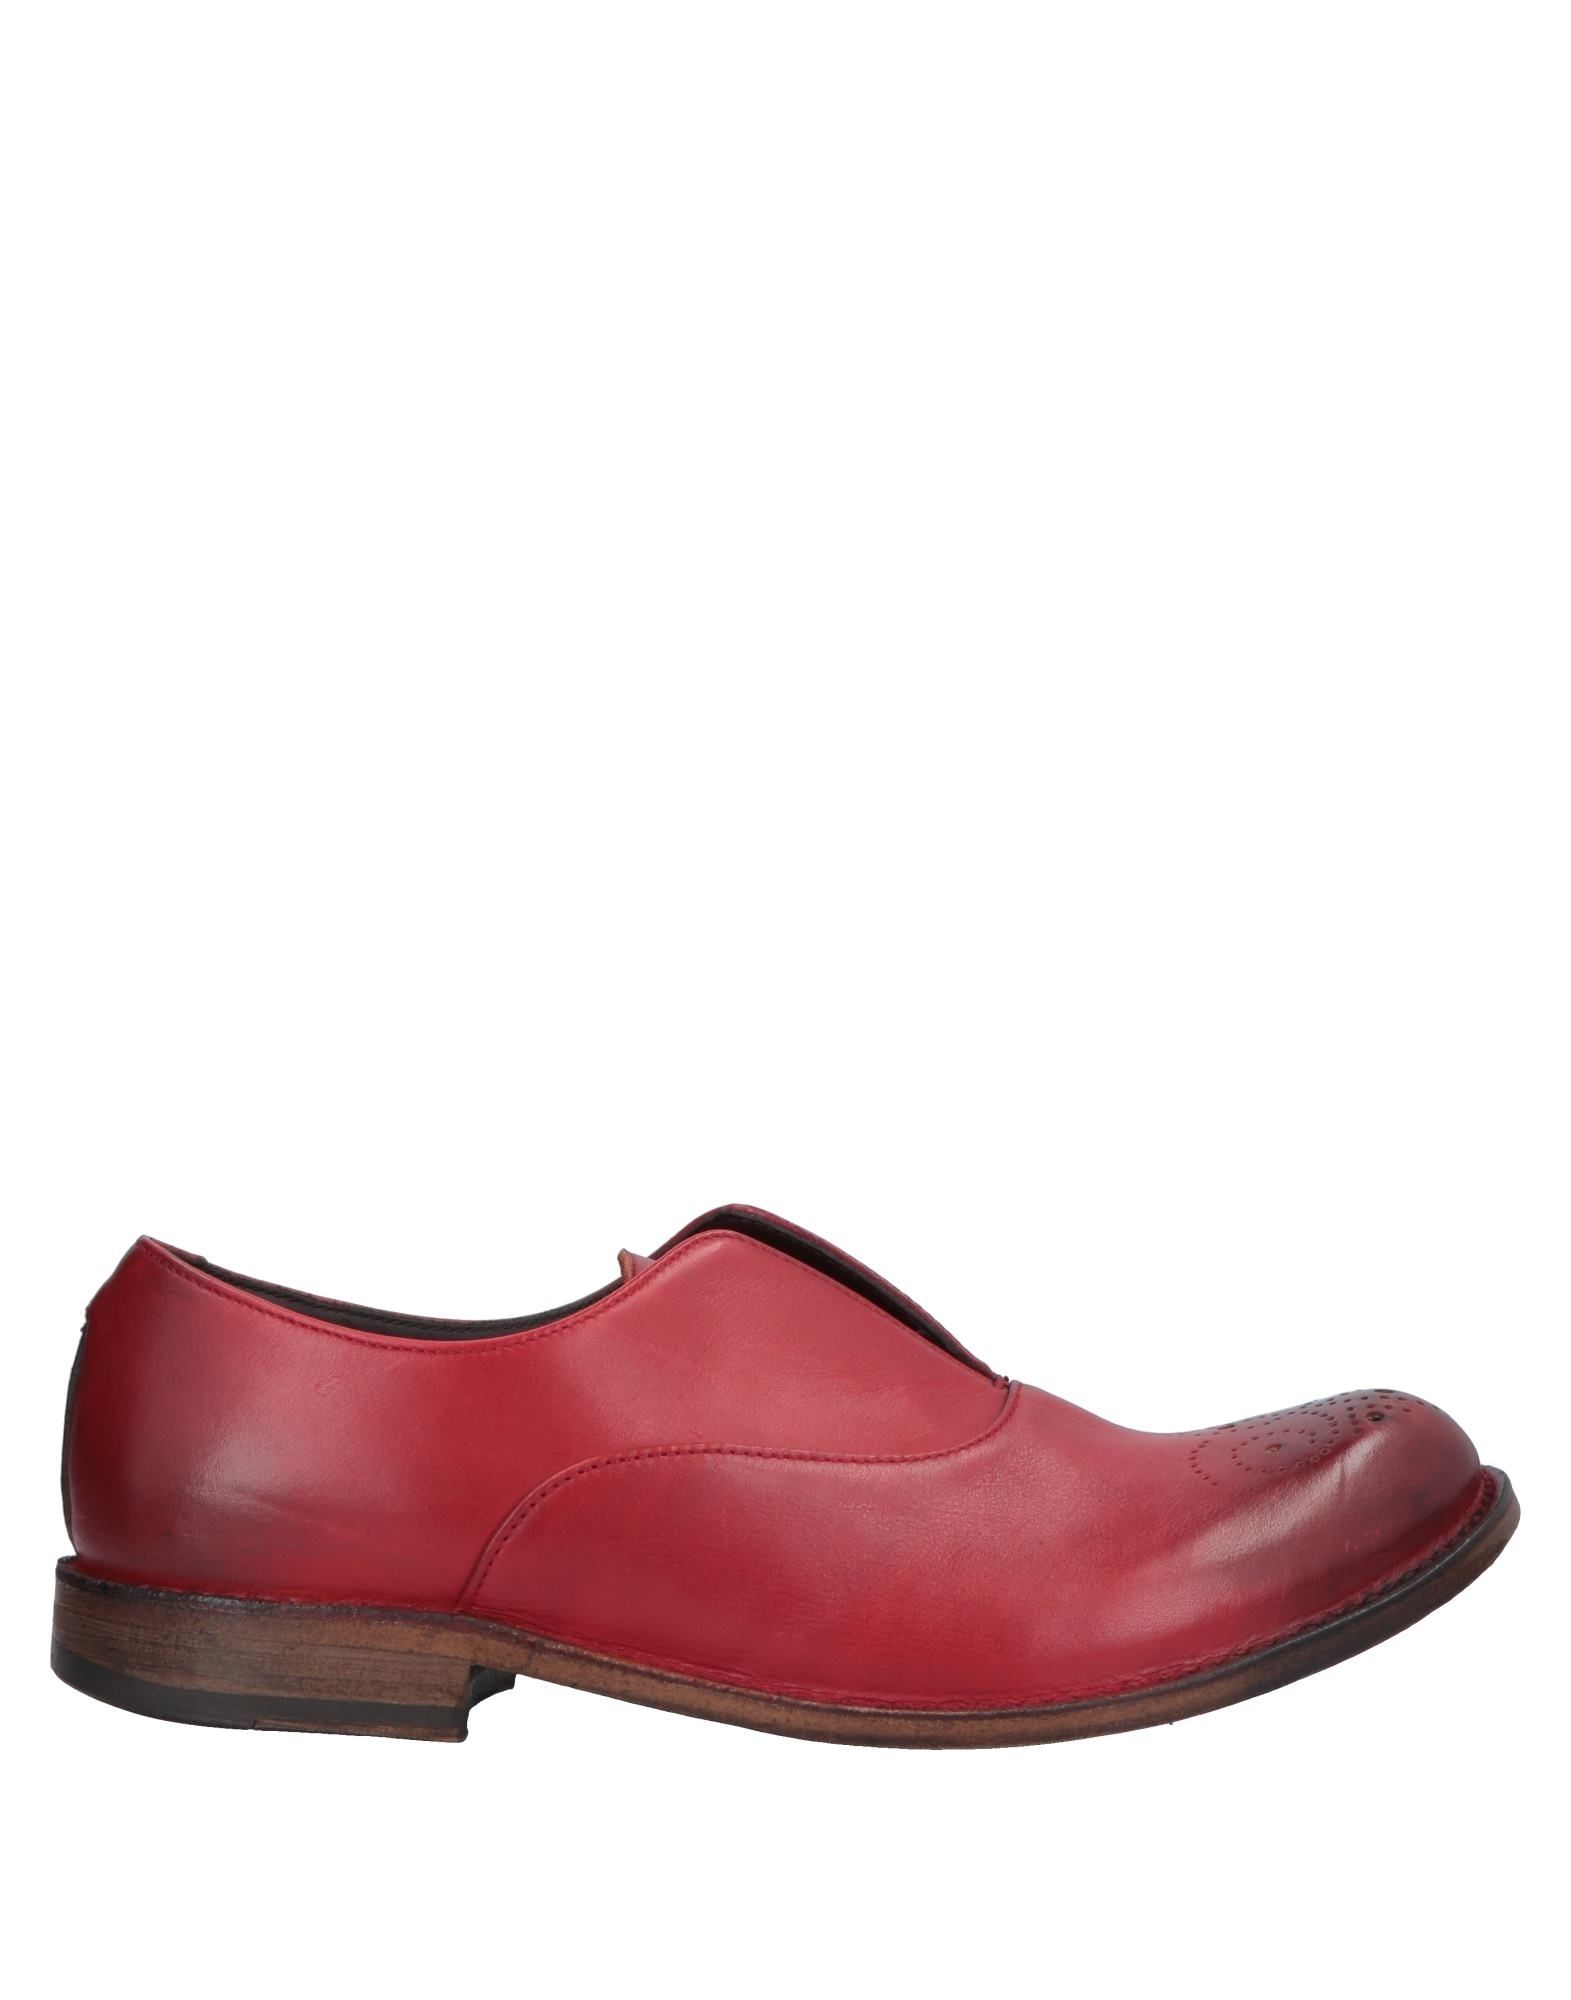 Mocassino Open Open Closed  scarpe uomo - 11658888JC